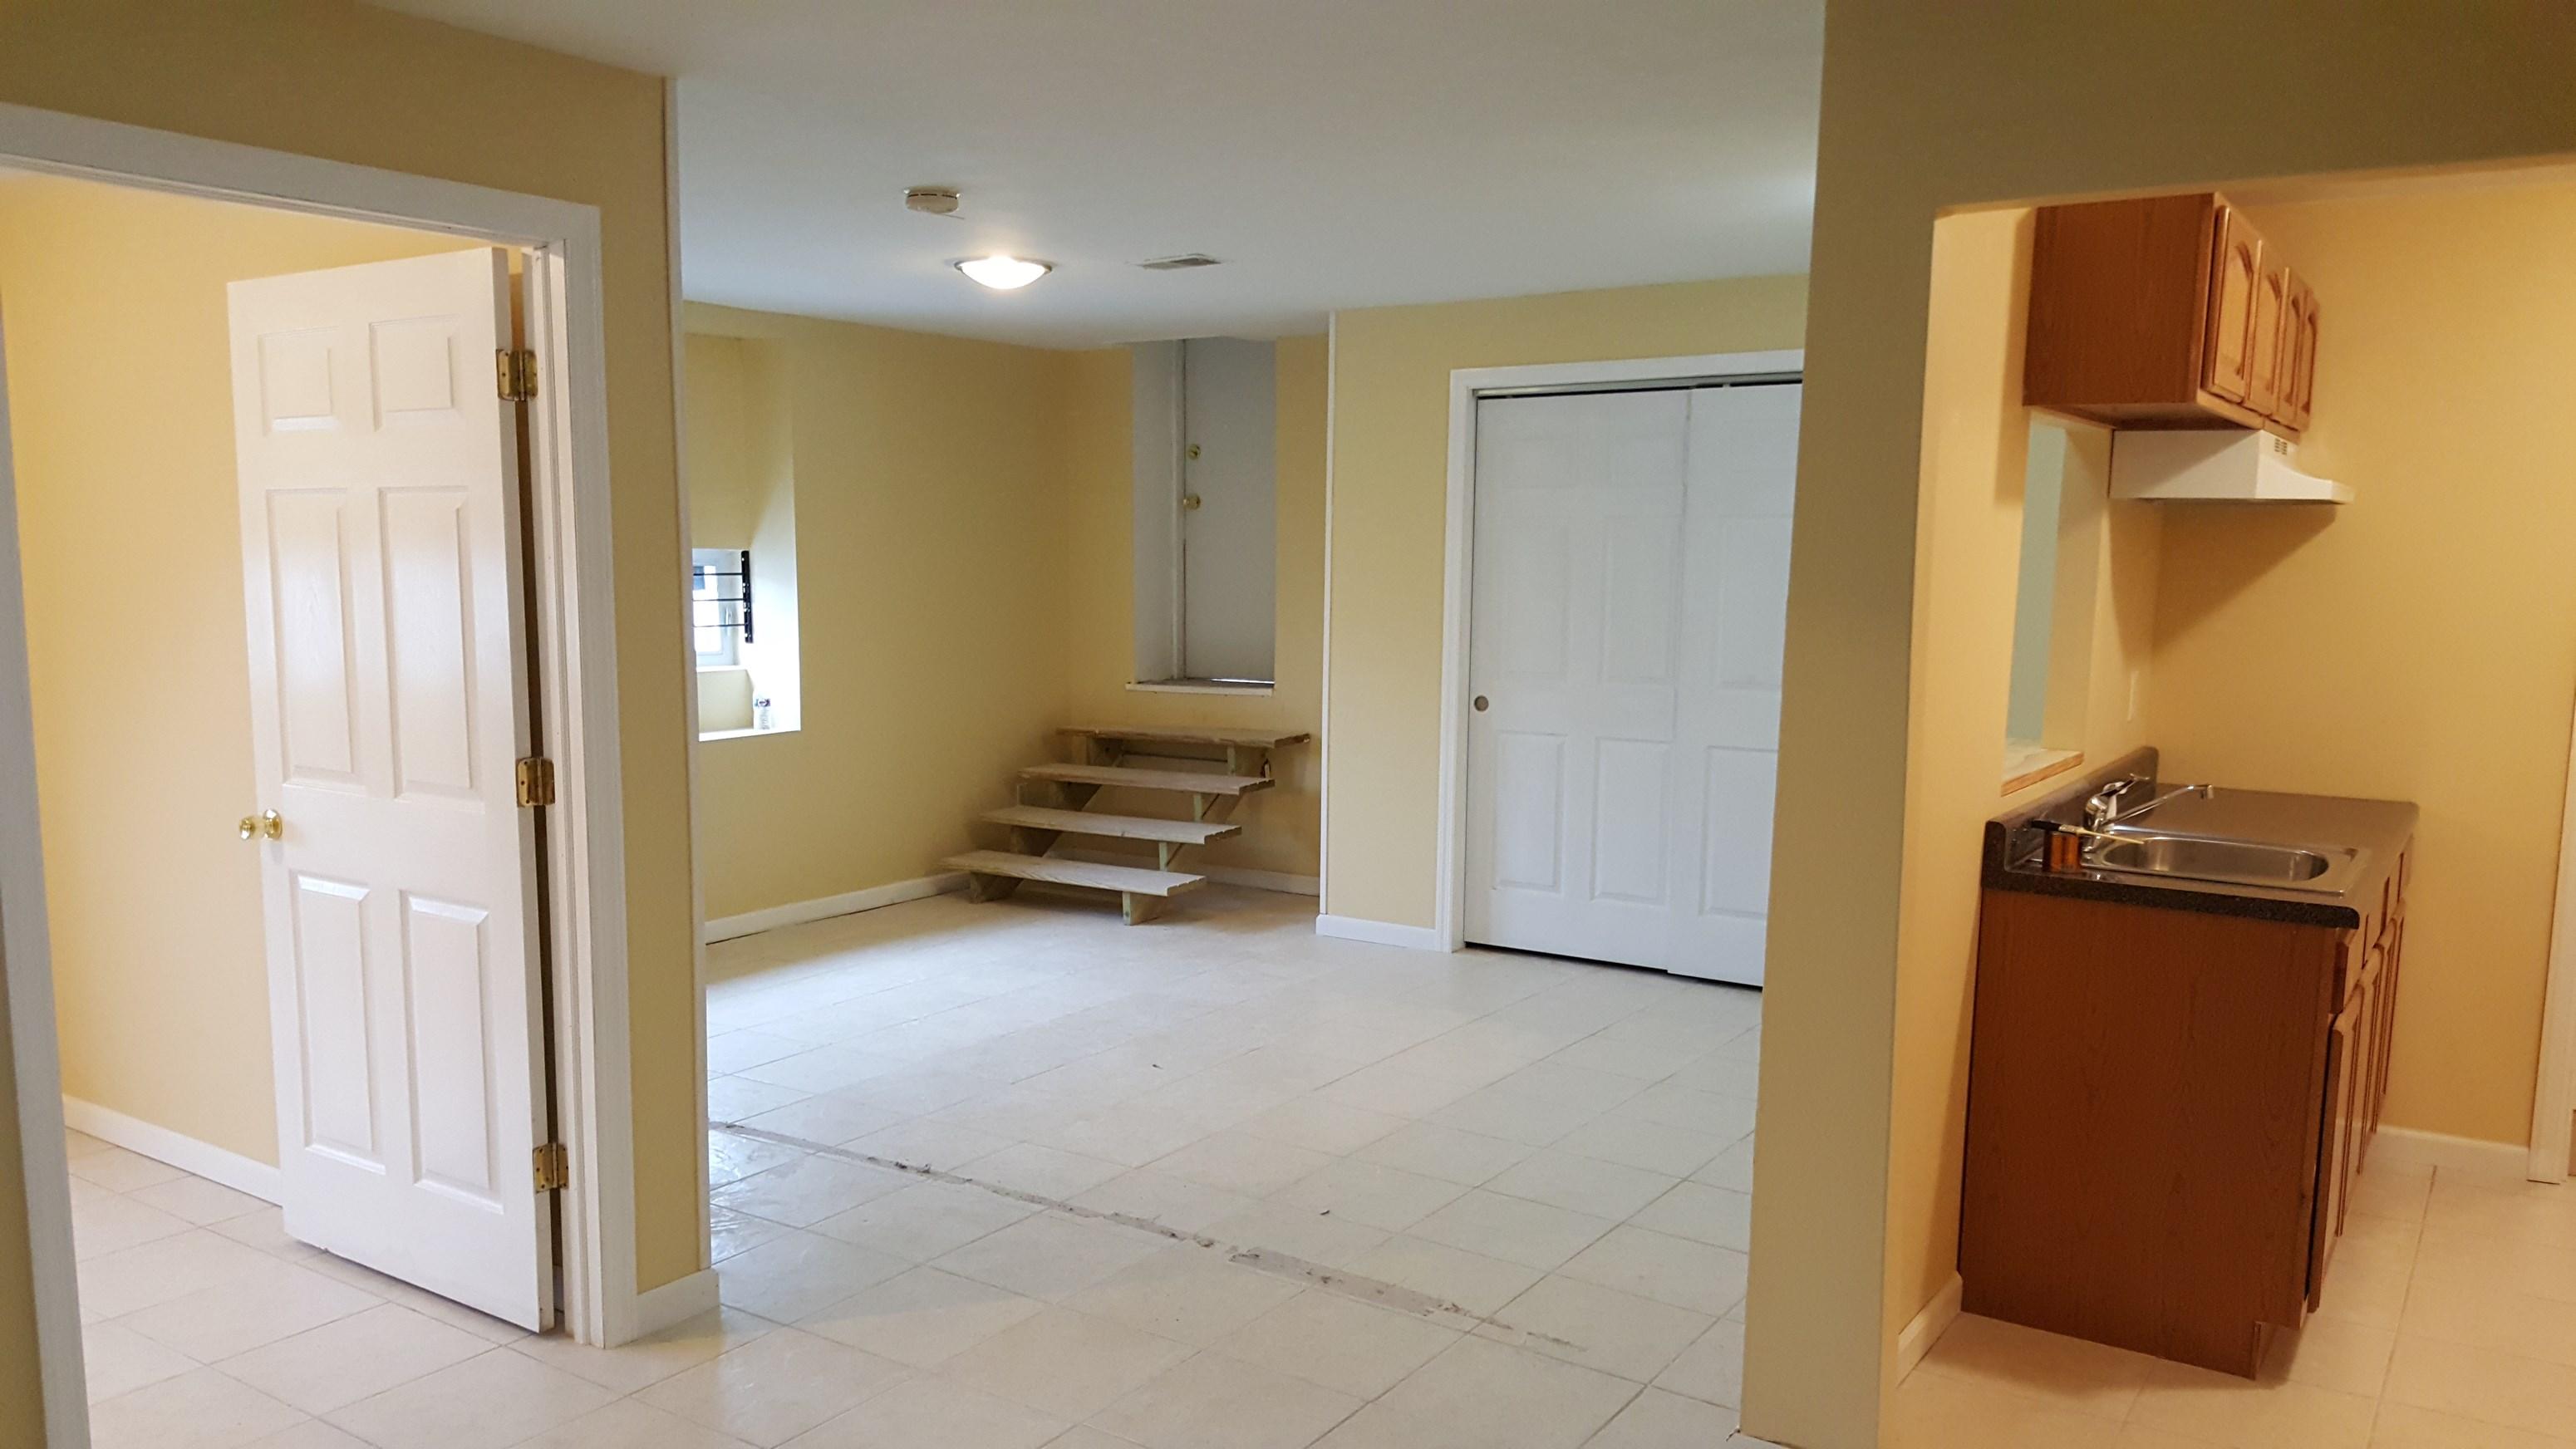 59 Western Ave1 BR LR Formal Dining Room Kitchen Bathroom